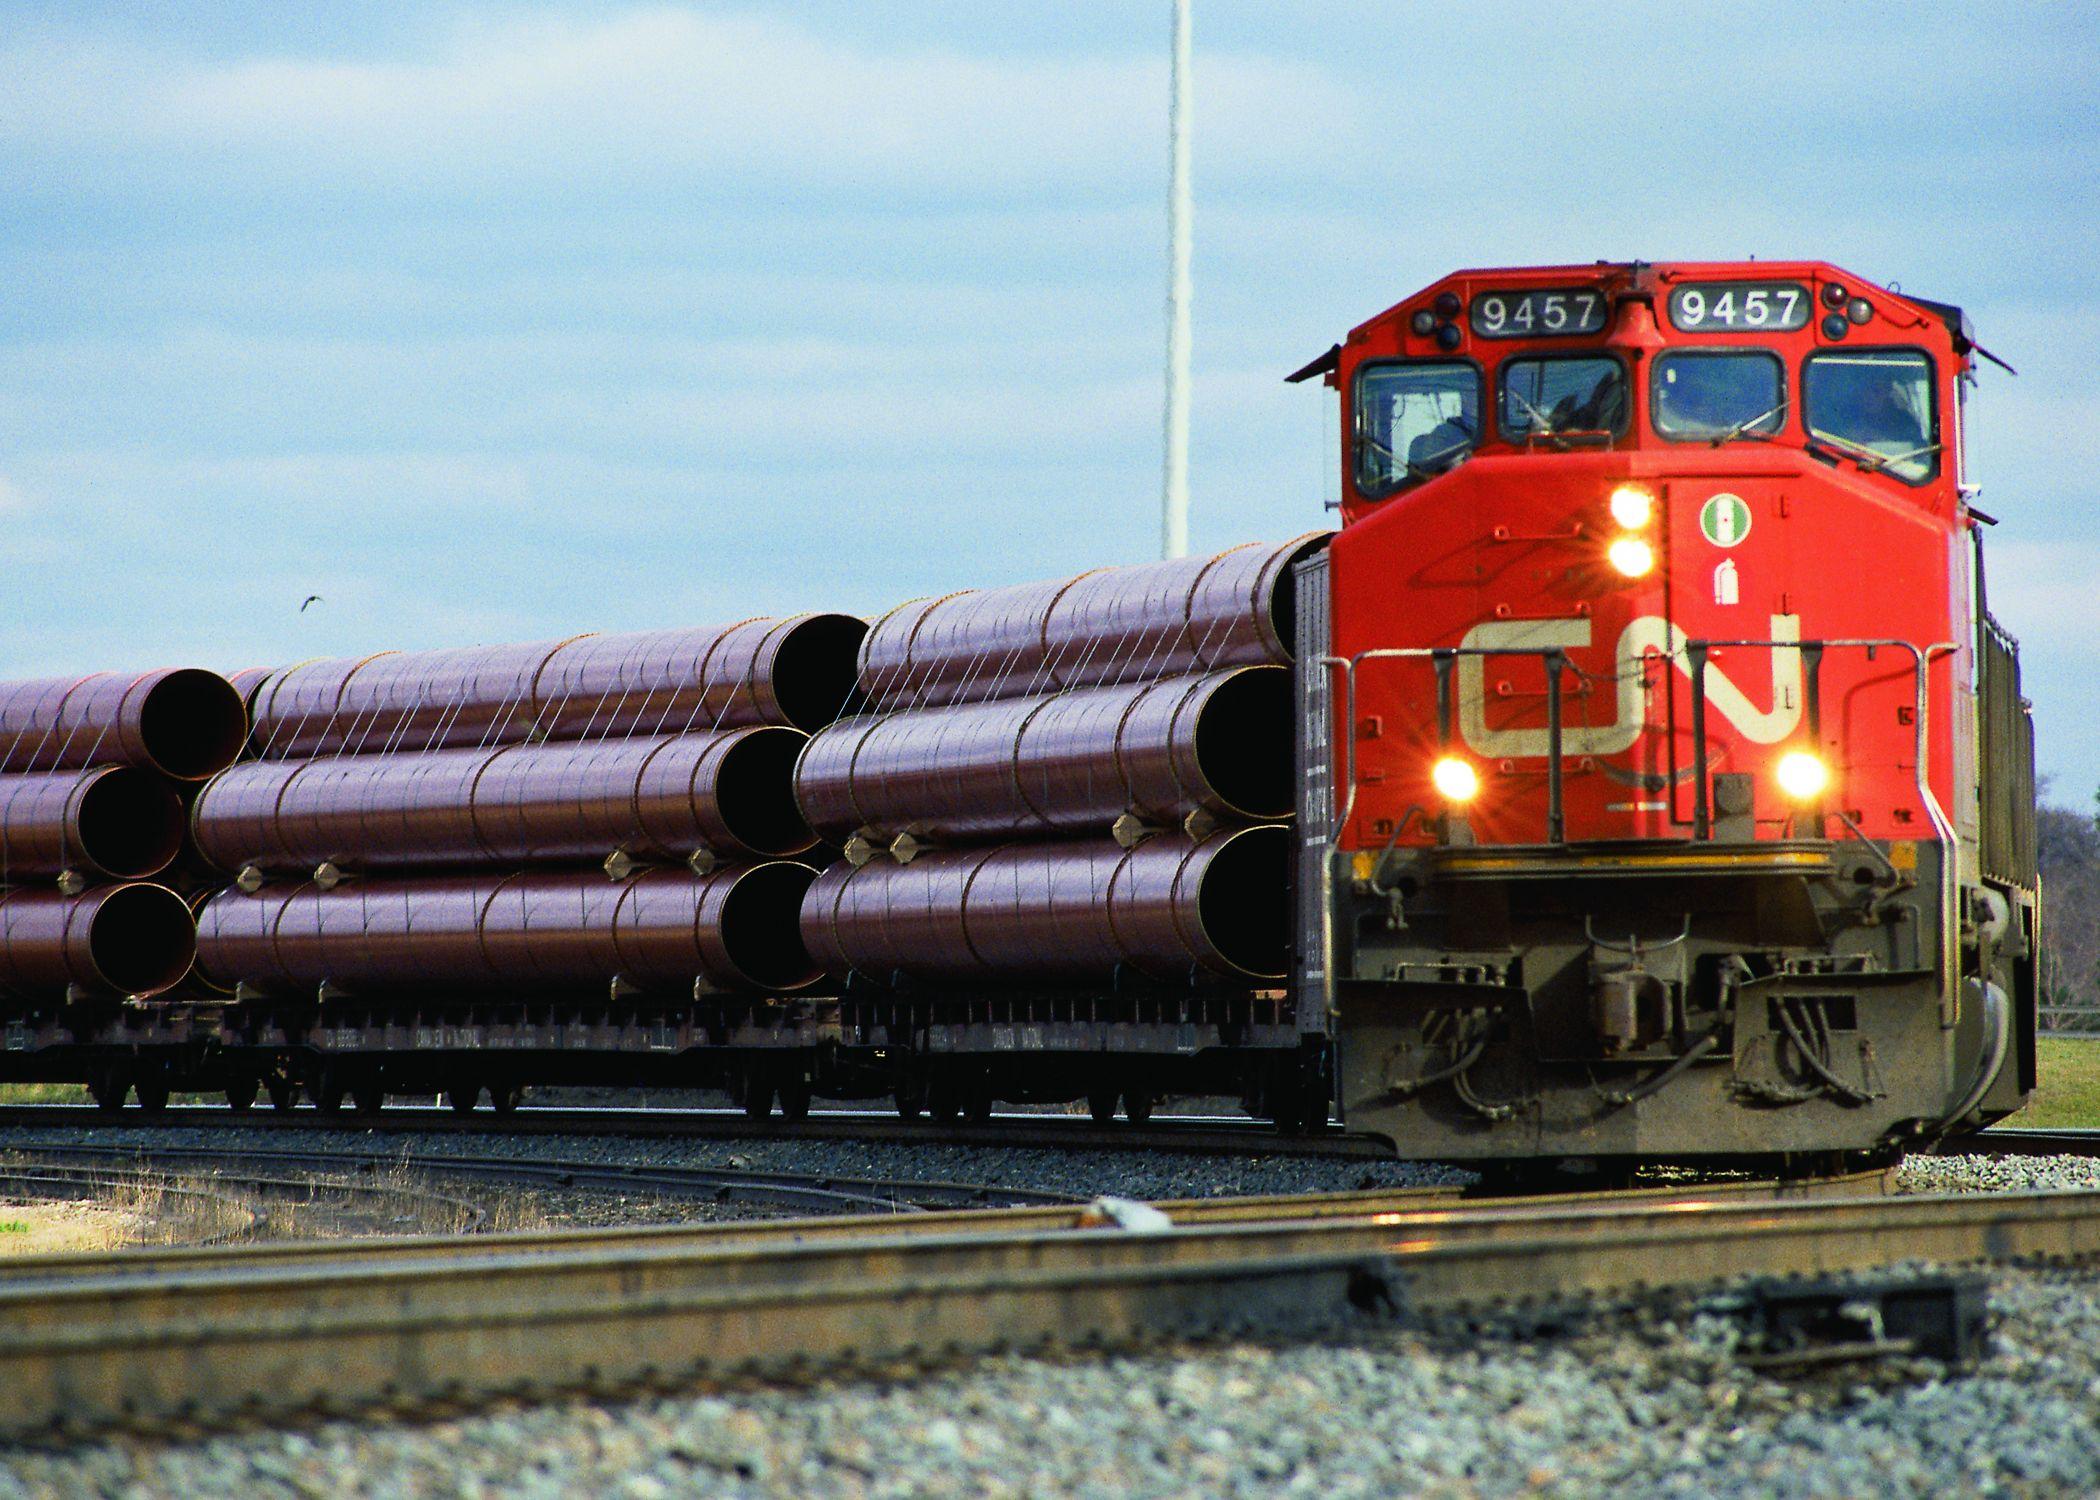 Lok der Eisenbahngesellschaft Canadian National Railway: Der Vorstand des Dividendenkönig erwartet ein starkes Gesamtjahr 2017. / Foto: Unternehmen